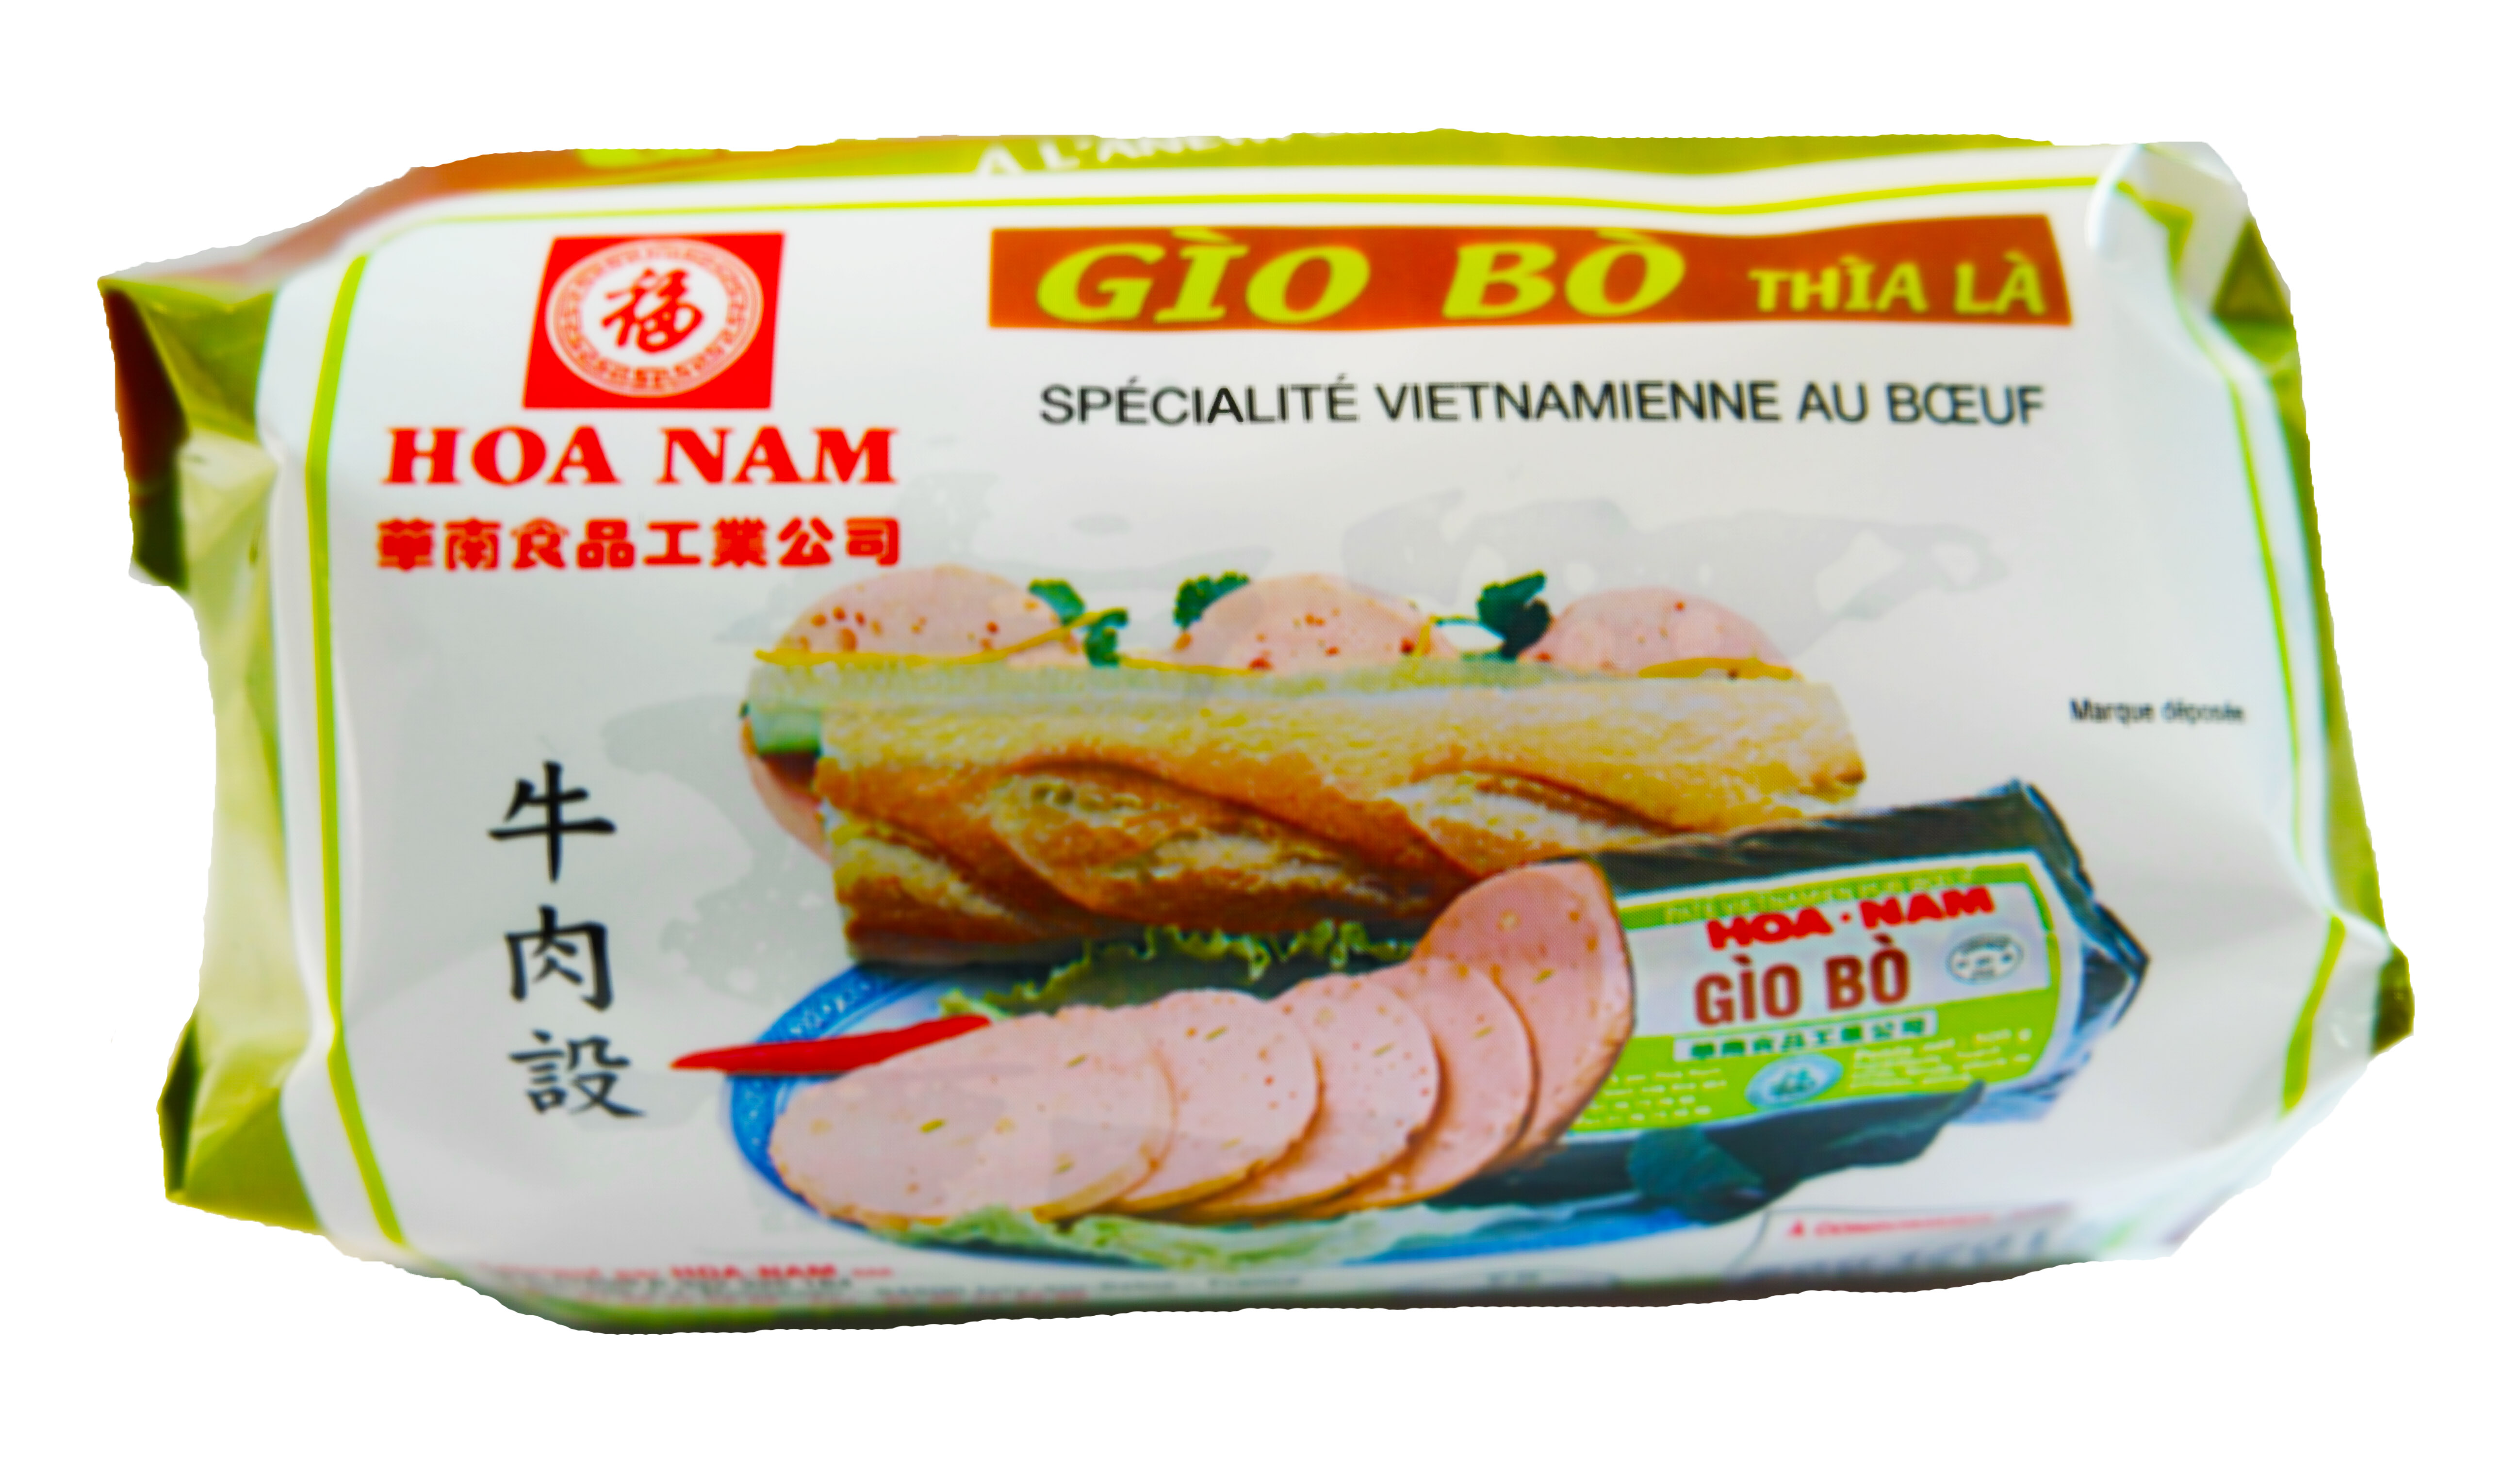 Pâté vietnamien au boeuf Gio Bo Thia La, Hoanam (500 g)